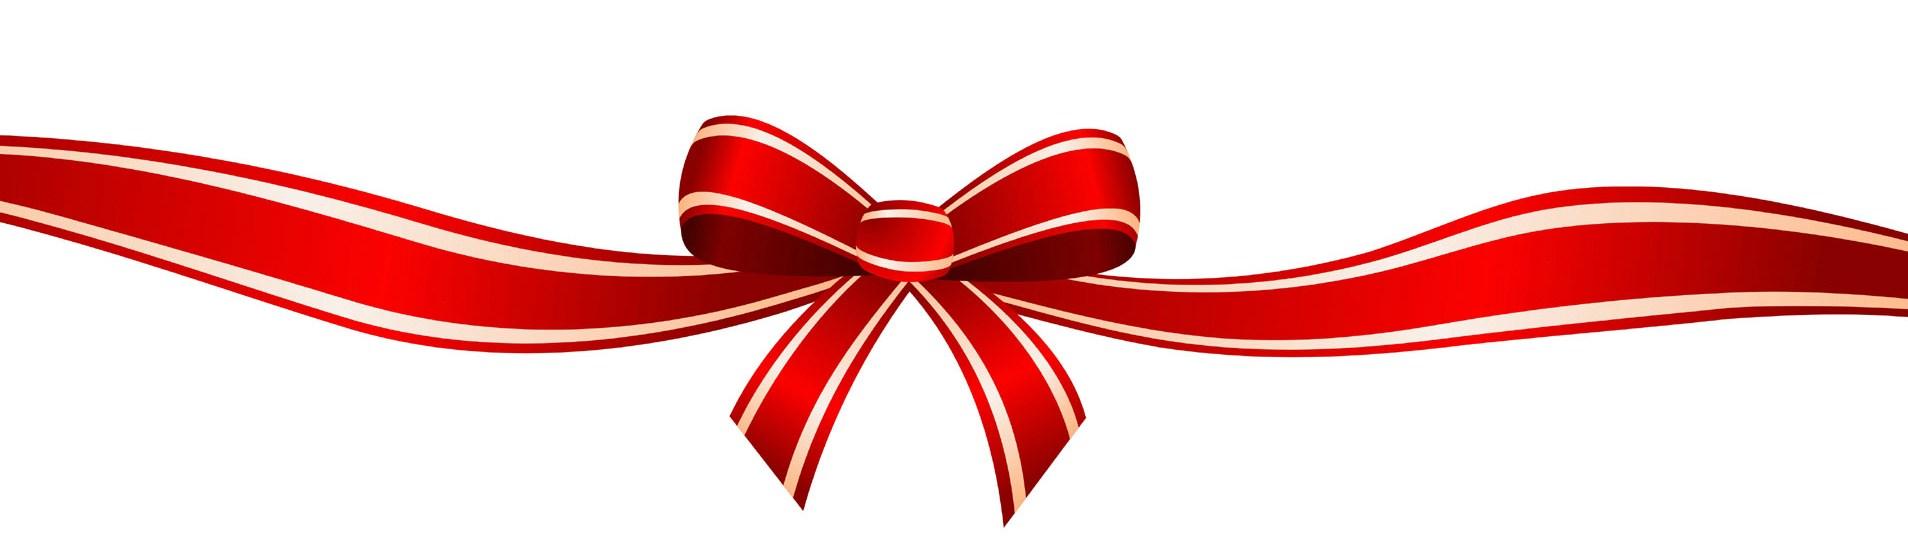 Christmas Bow Clipart.